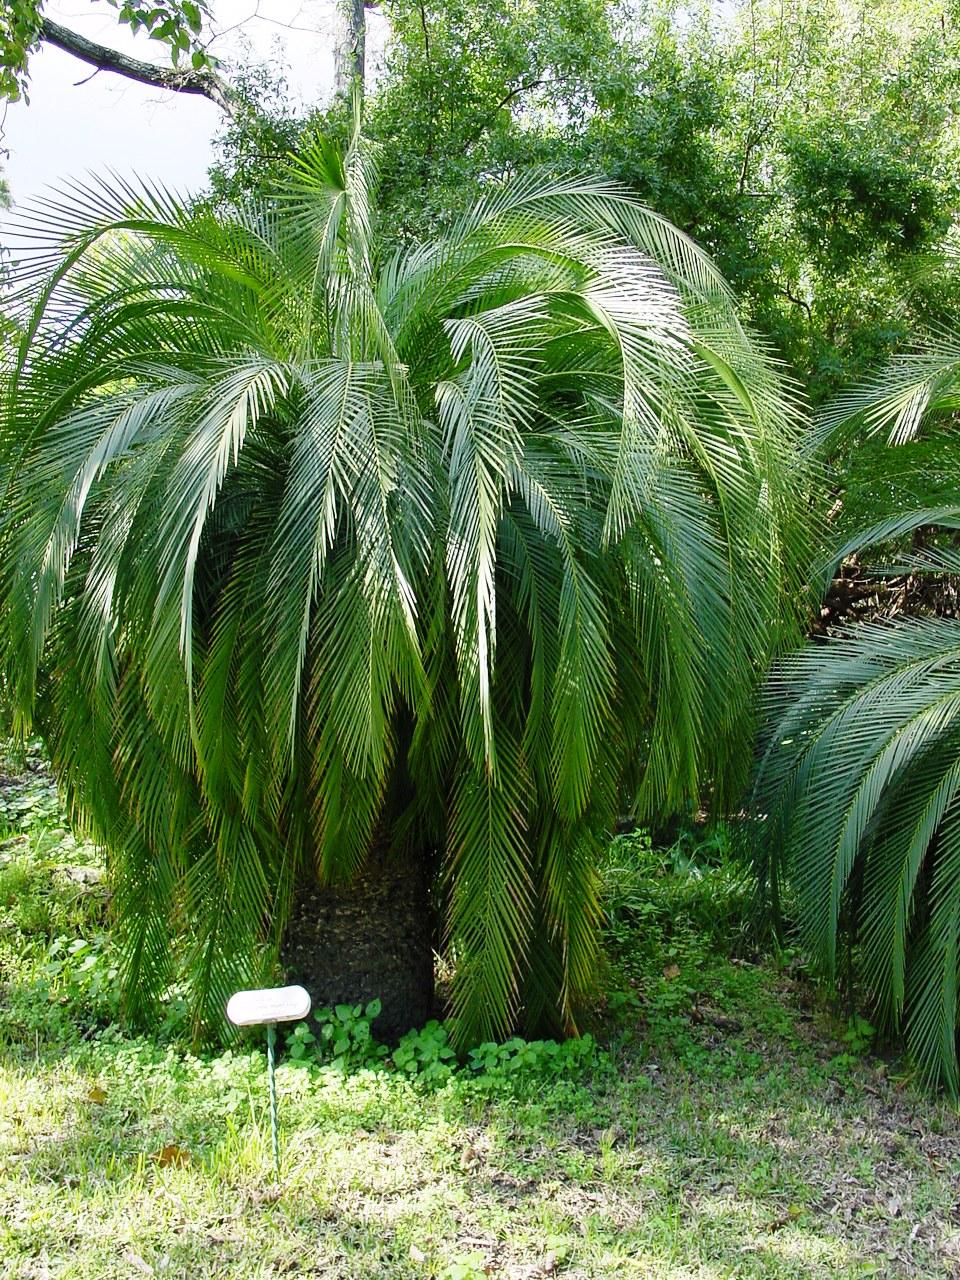 Macrozamia moorei wikipedia for Planta ornamental zamia